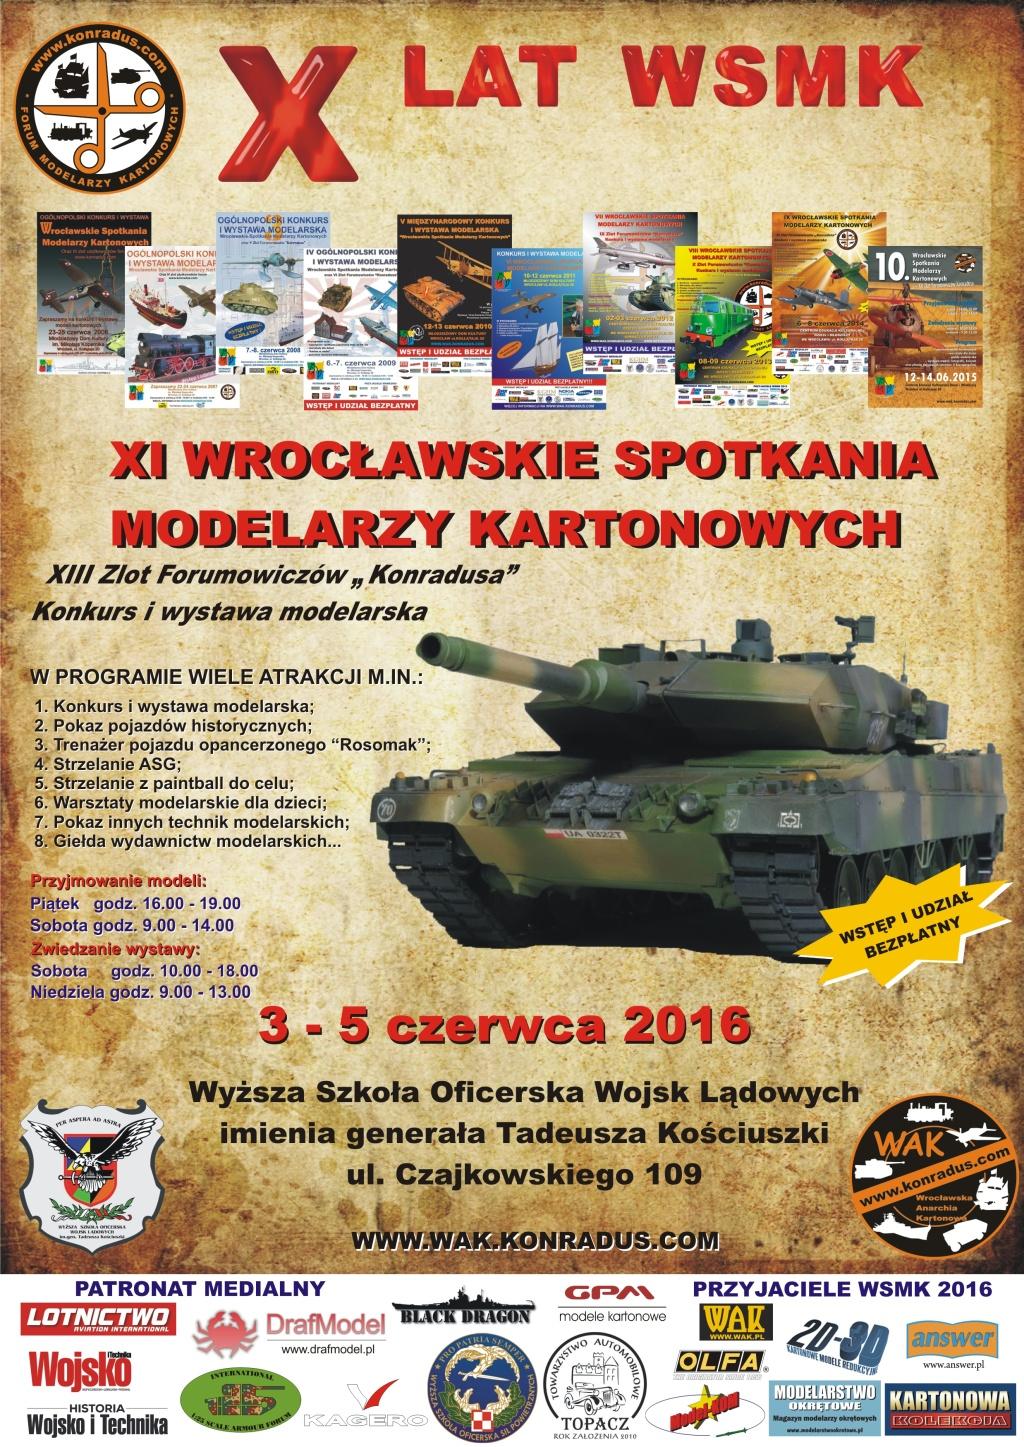 XI Wrocławskie Spotkania Modelarzy Kartonowych